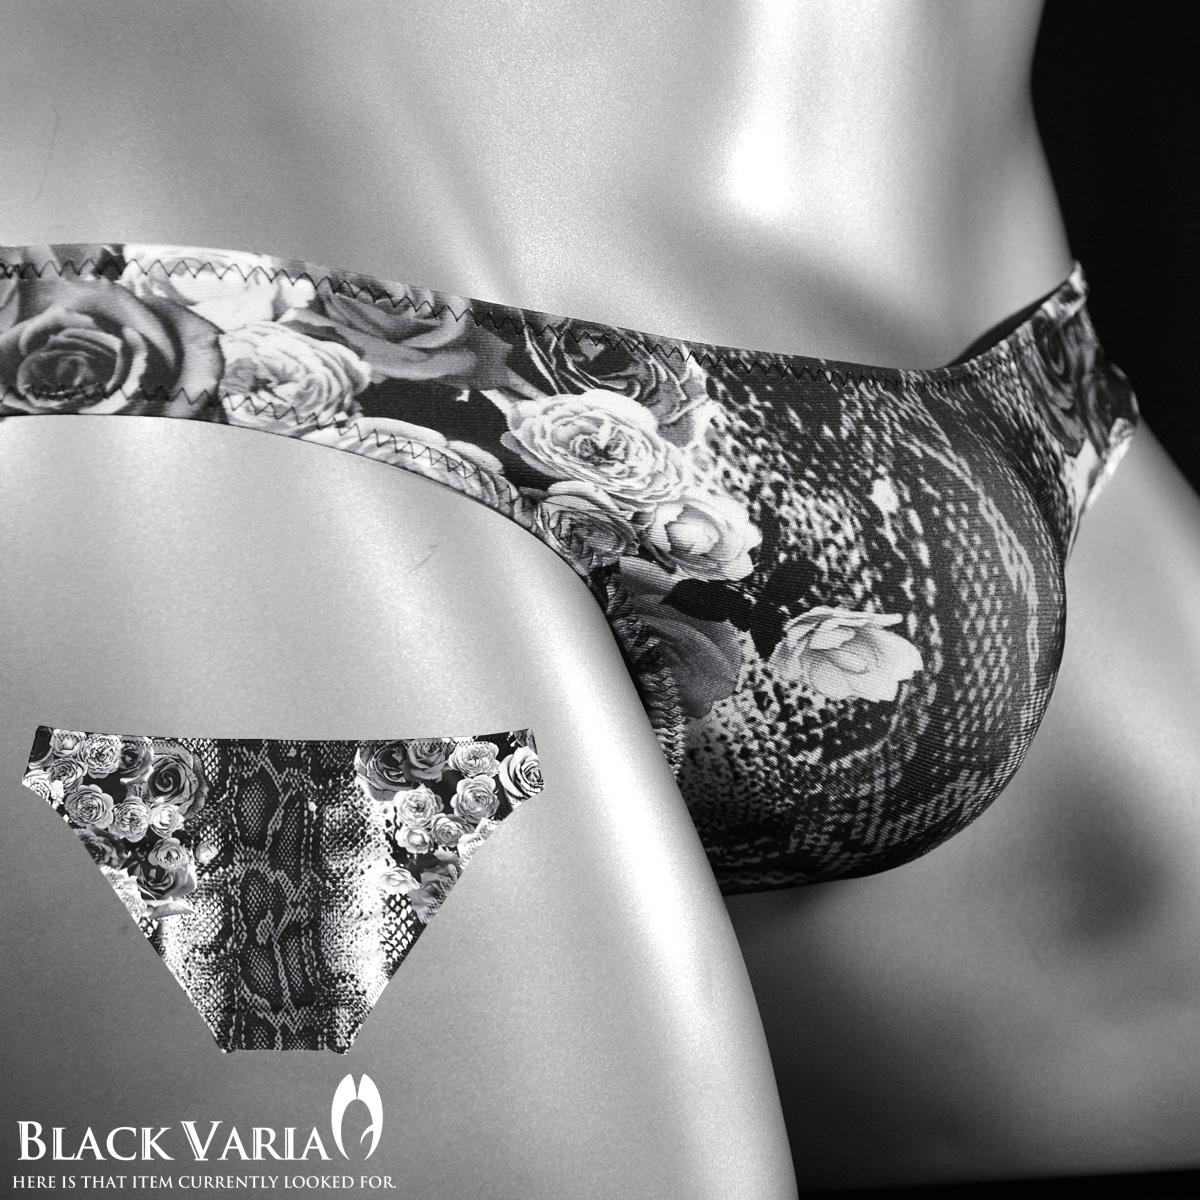 BLACK VARIAバラ柄 ヘビ柄 吸水速乾 インナー 日本製 プレゼント フルバック マイクロビキニ 蛇柄 ブラック黒 供え メンズ 下着 uw082 パンツ 薔薇柄 毎週更新 mens